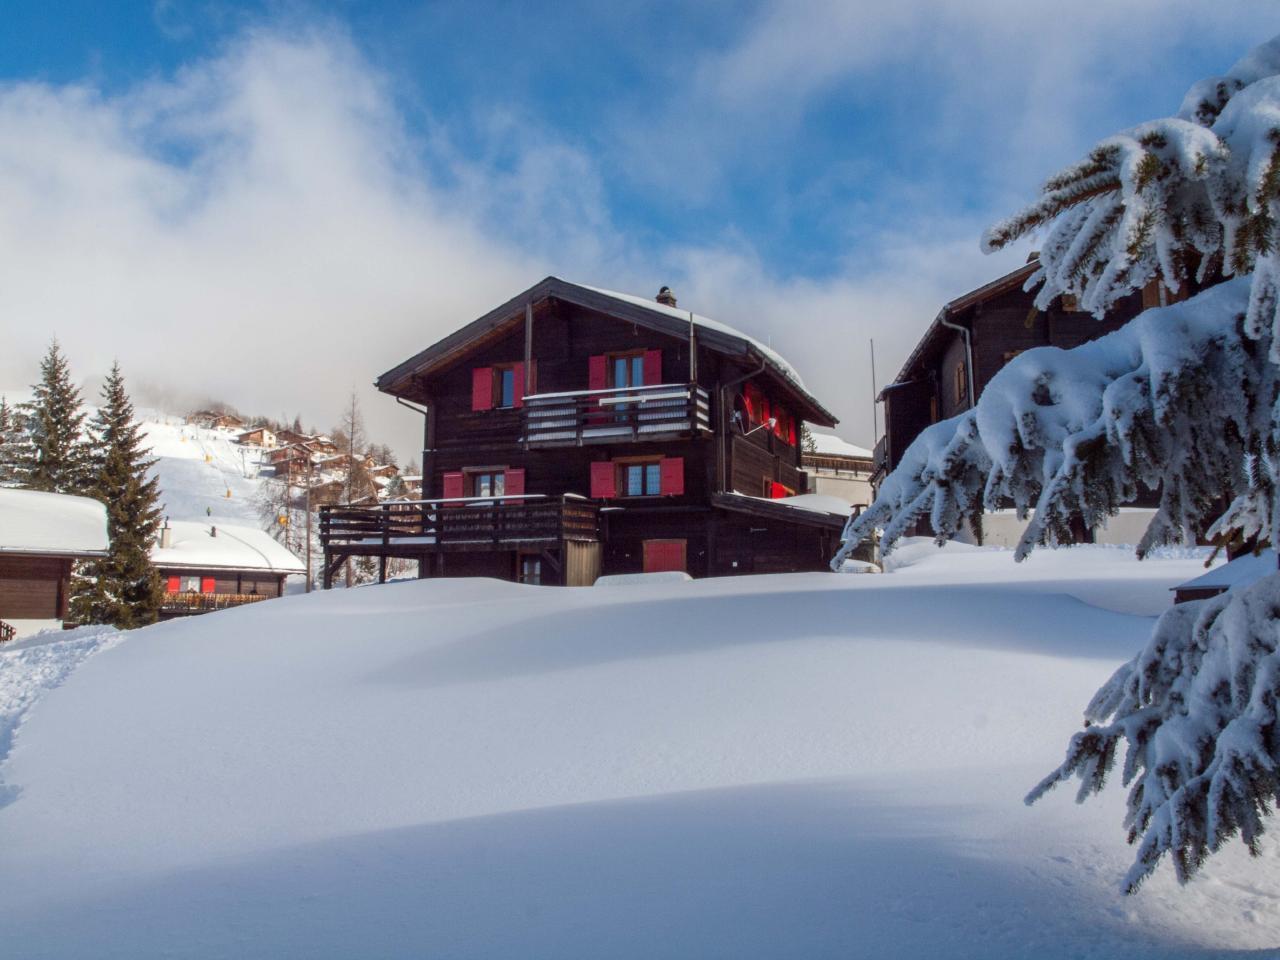 Ferienwohnung Urchiges Walliserchalet auf Rosswald | Alphütte OG (2171131), Rosswald, Brig - Simplon, Wallis, Schweiz, Bild 19